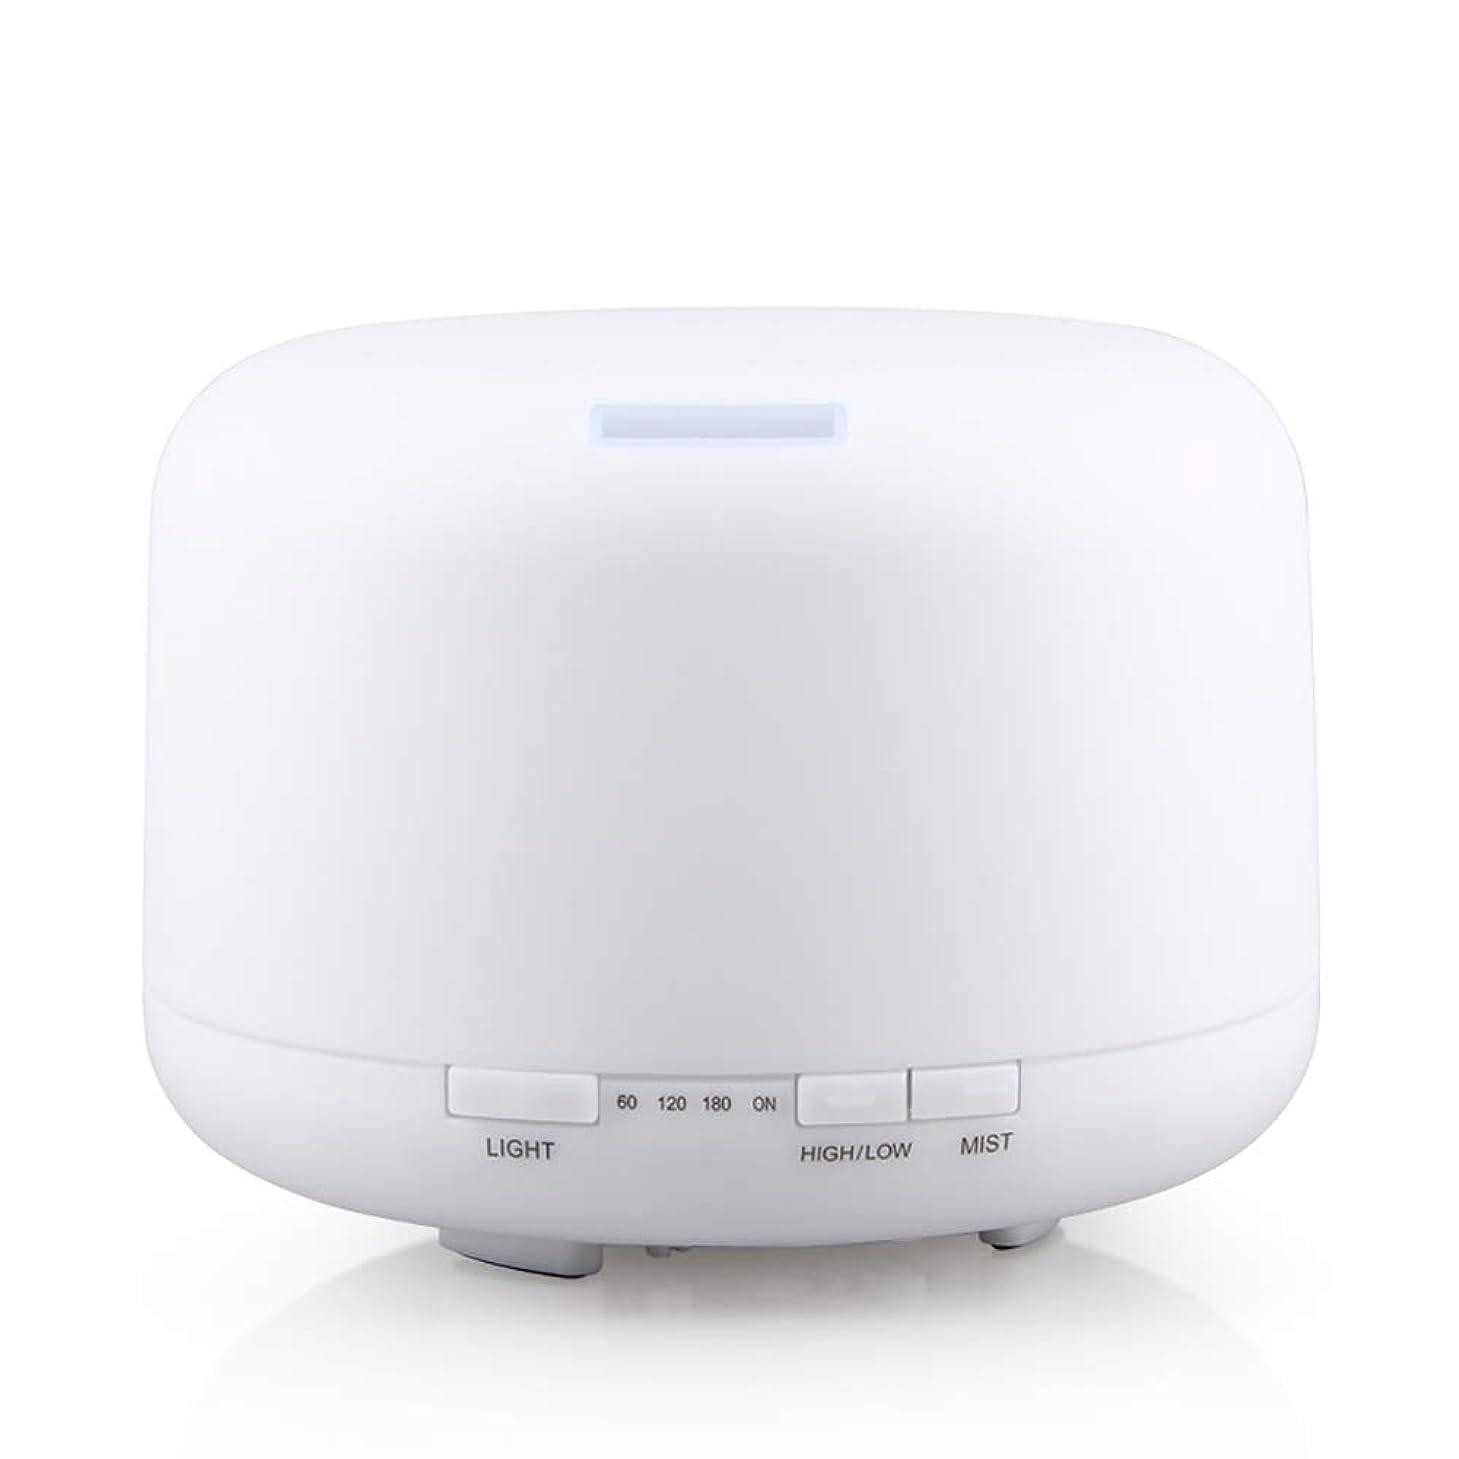 啓示大陸インセンティブ500ml 家庭用加湿器プラグイン超音波アロマセラピーマシンエッセンシャルオイル加湿器ホームナイトライト